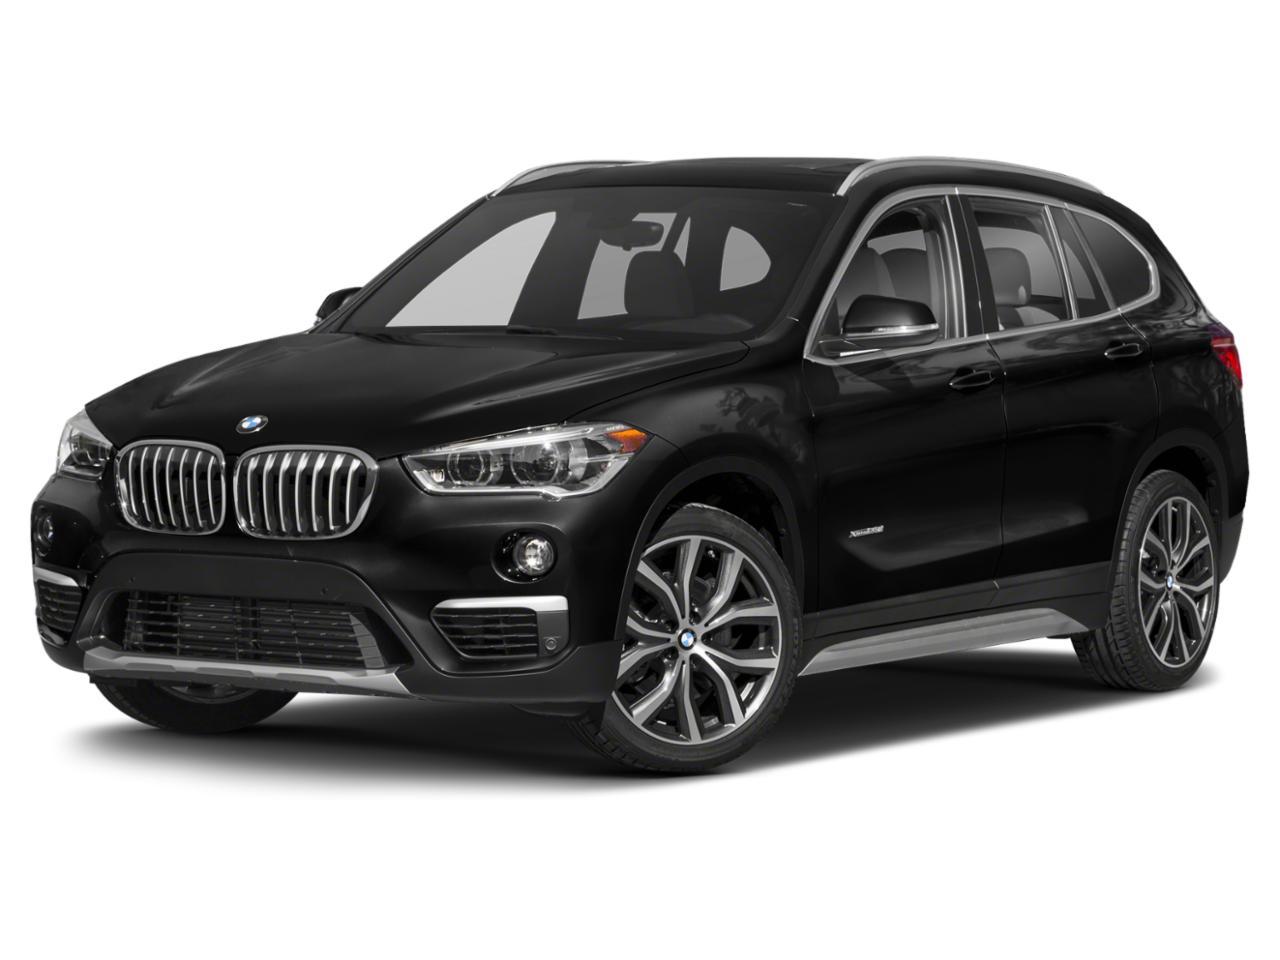 2019 BMW X1 xDrive28i Vehicle Photo in Muncy, PA 17756